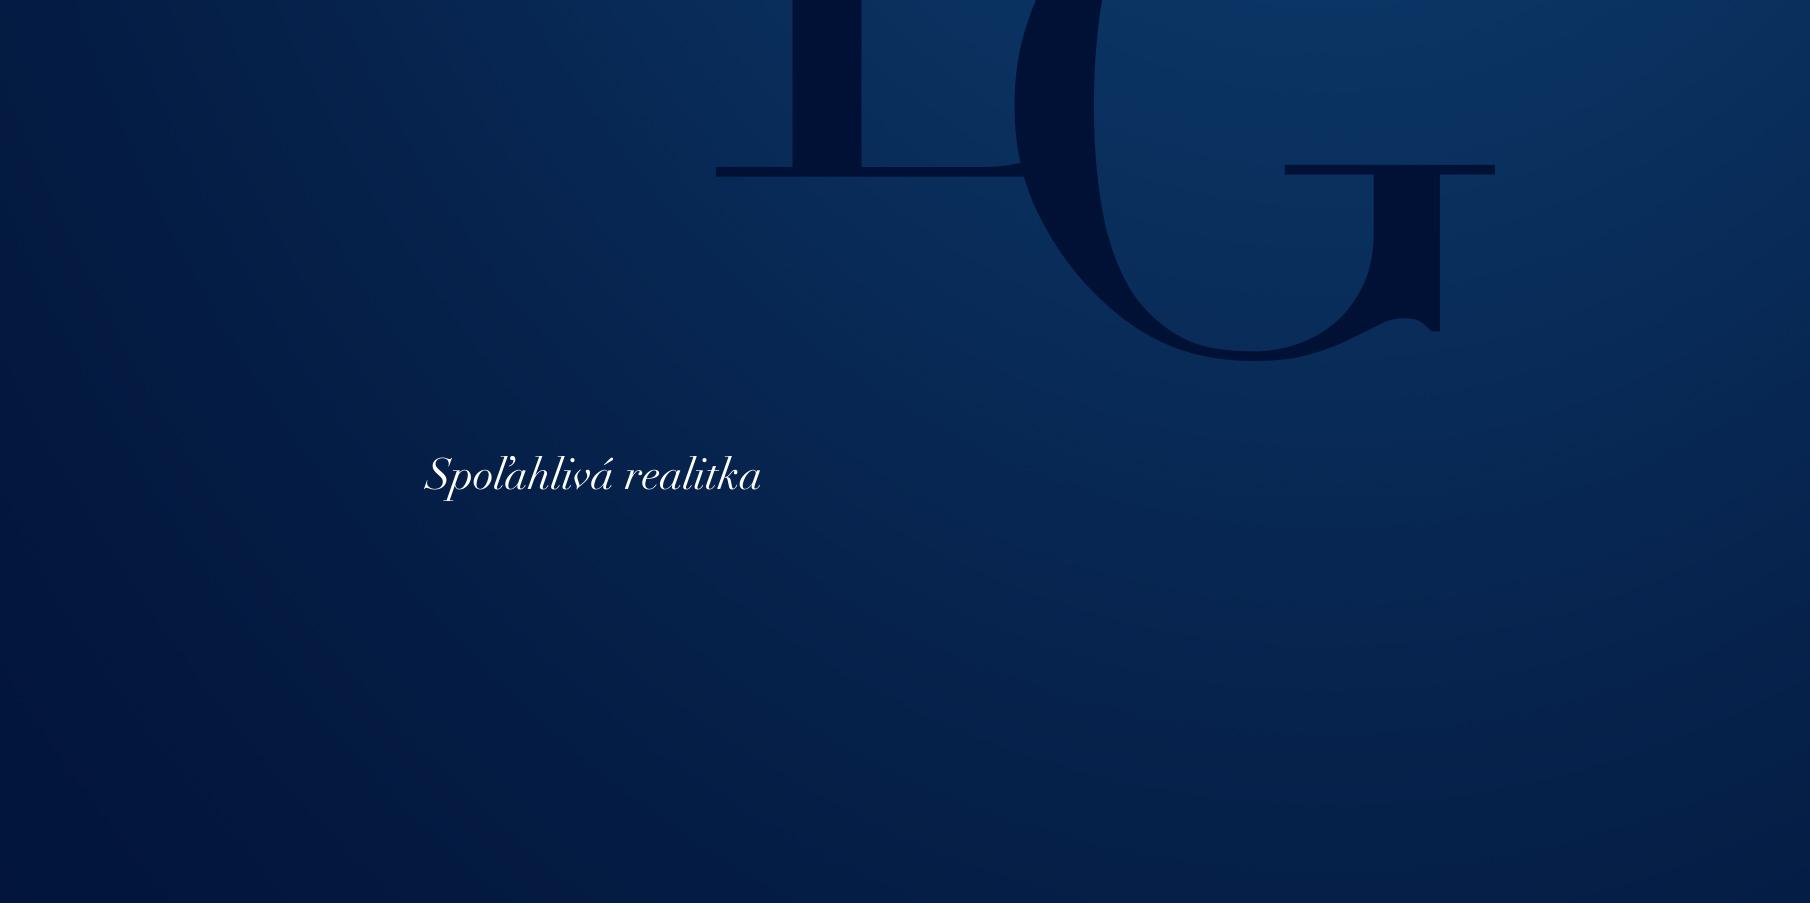 LG_web_background